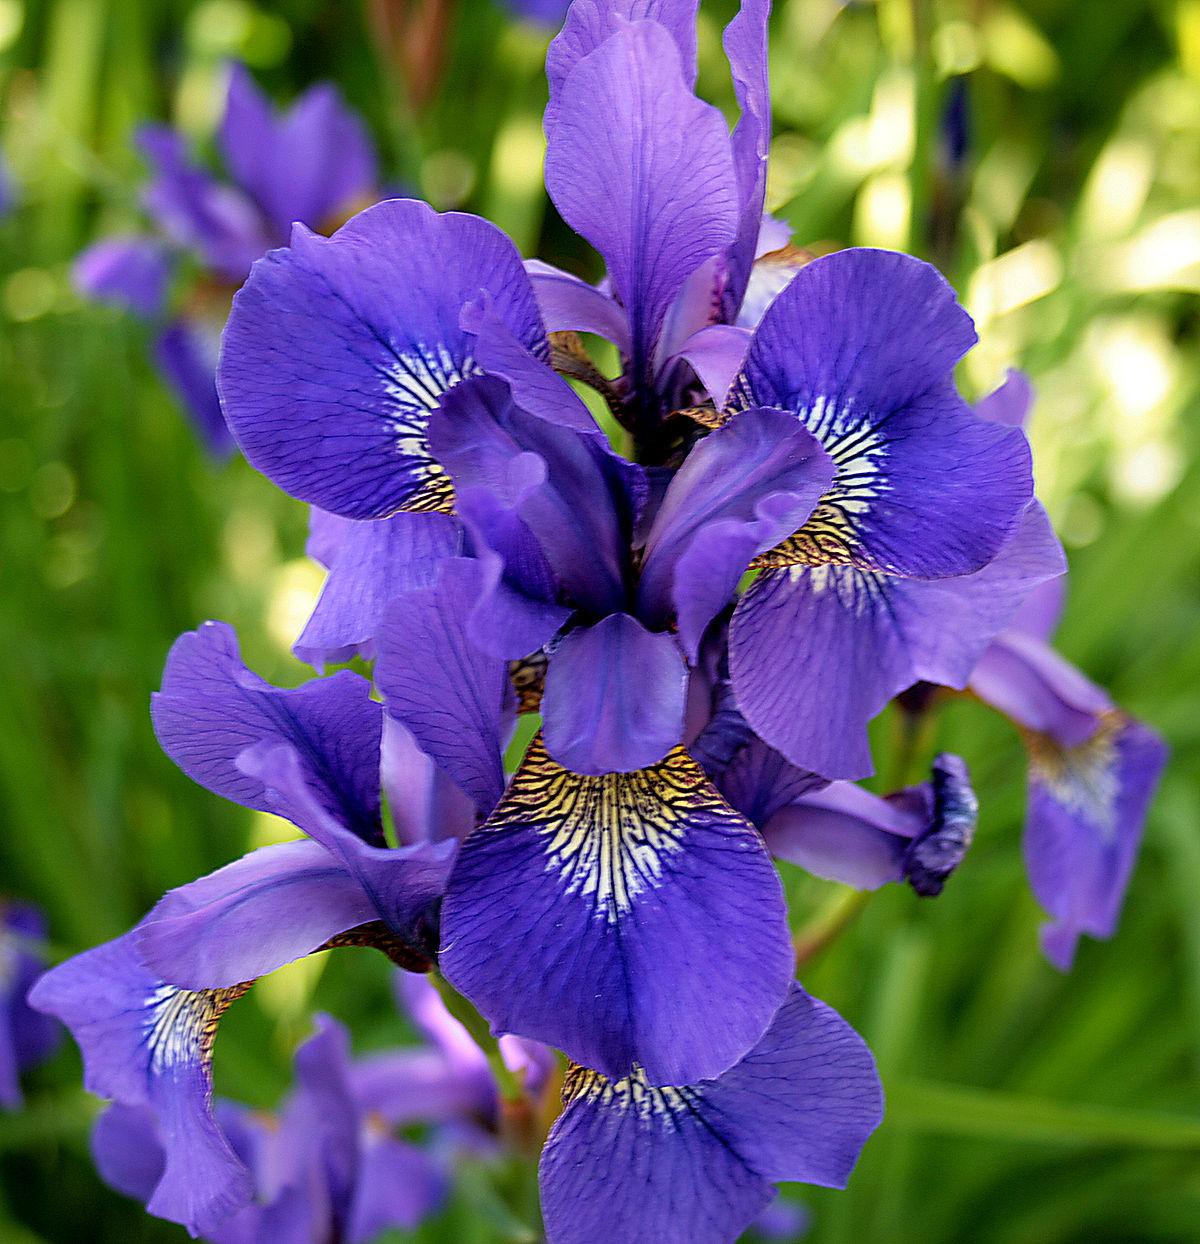 Iris wiktionary izmirmasajfo